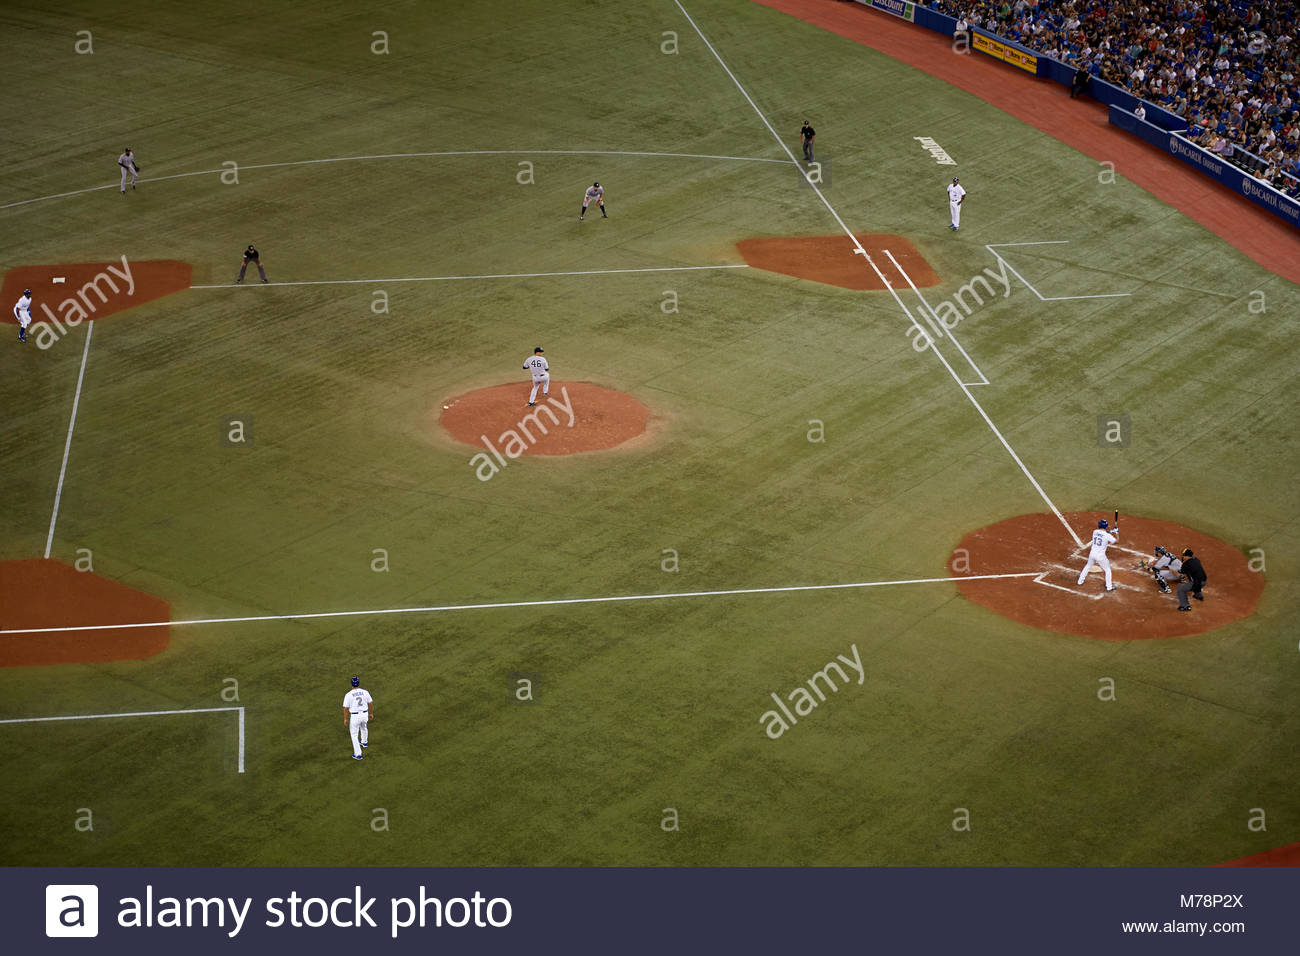 Les Blue Jays de Toronto jouer au baseball à une foule au Centre Rogers à Toronto, le Sky Dome Canada. Photo Stock